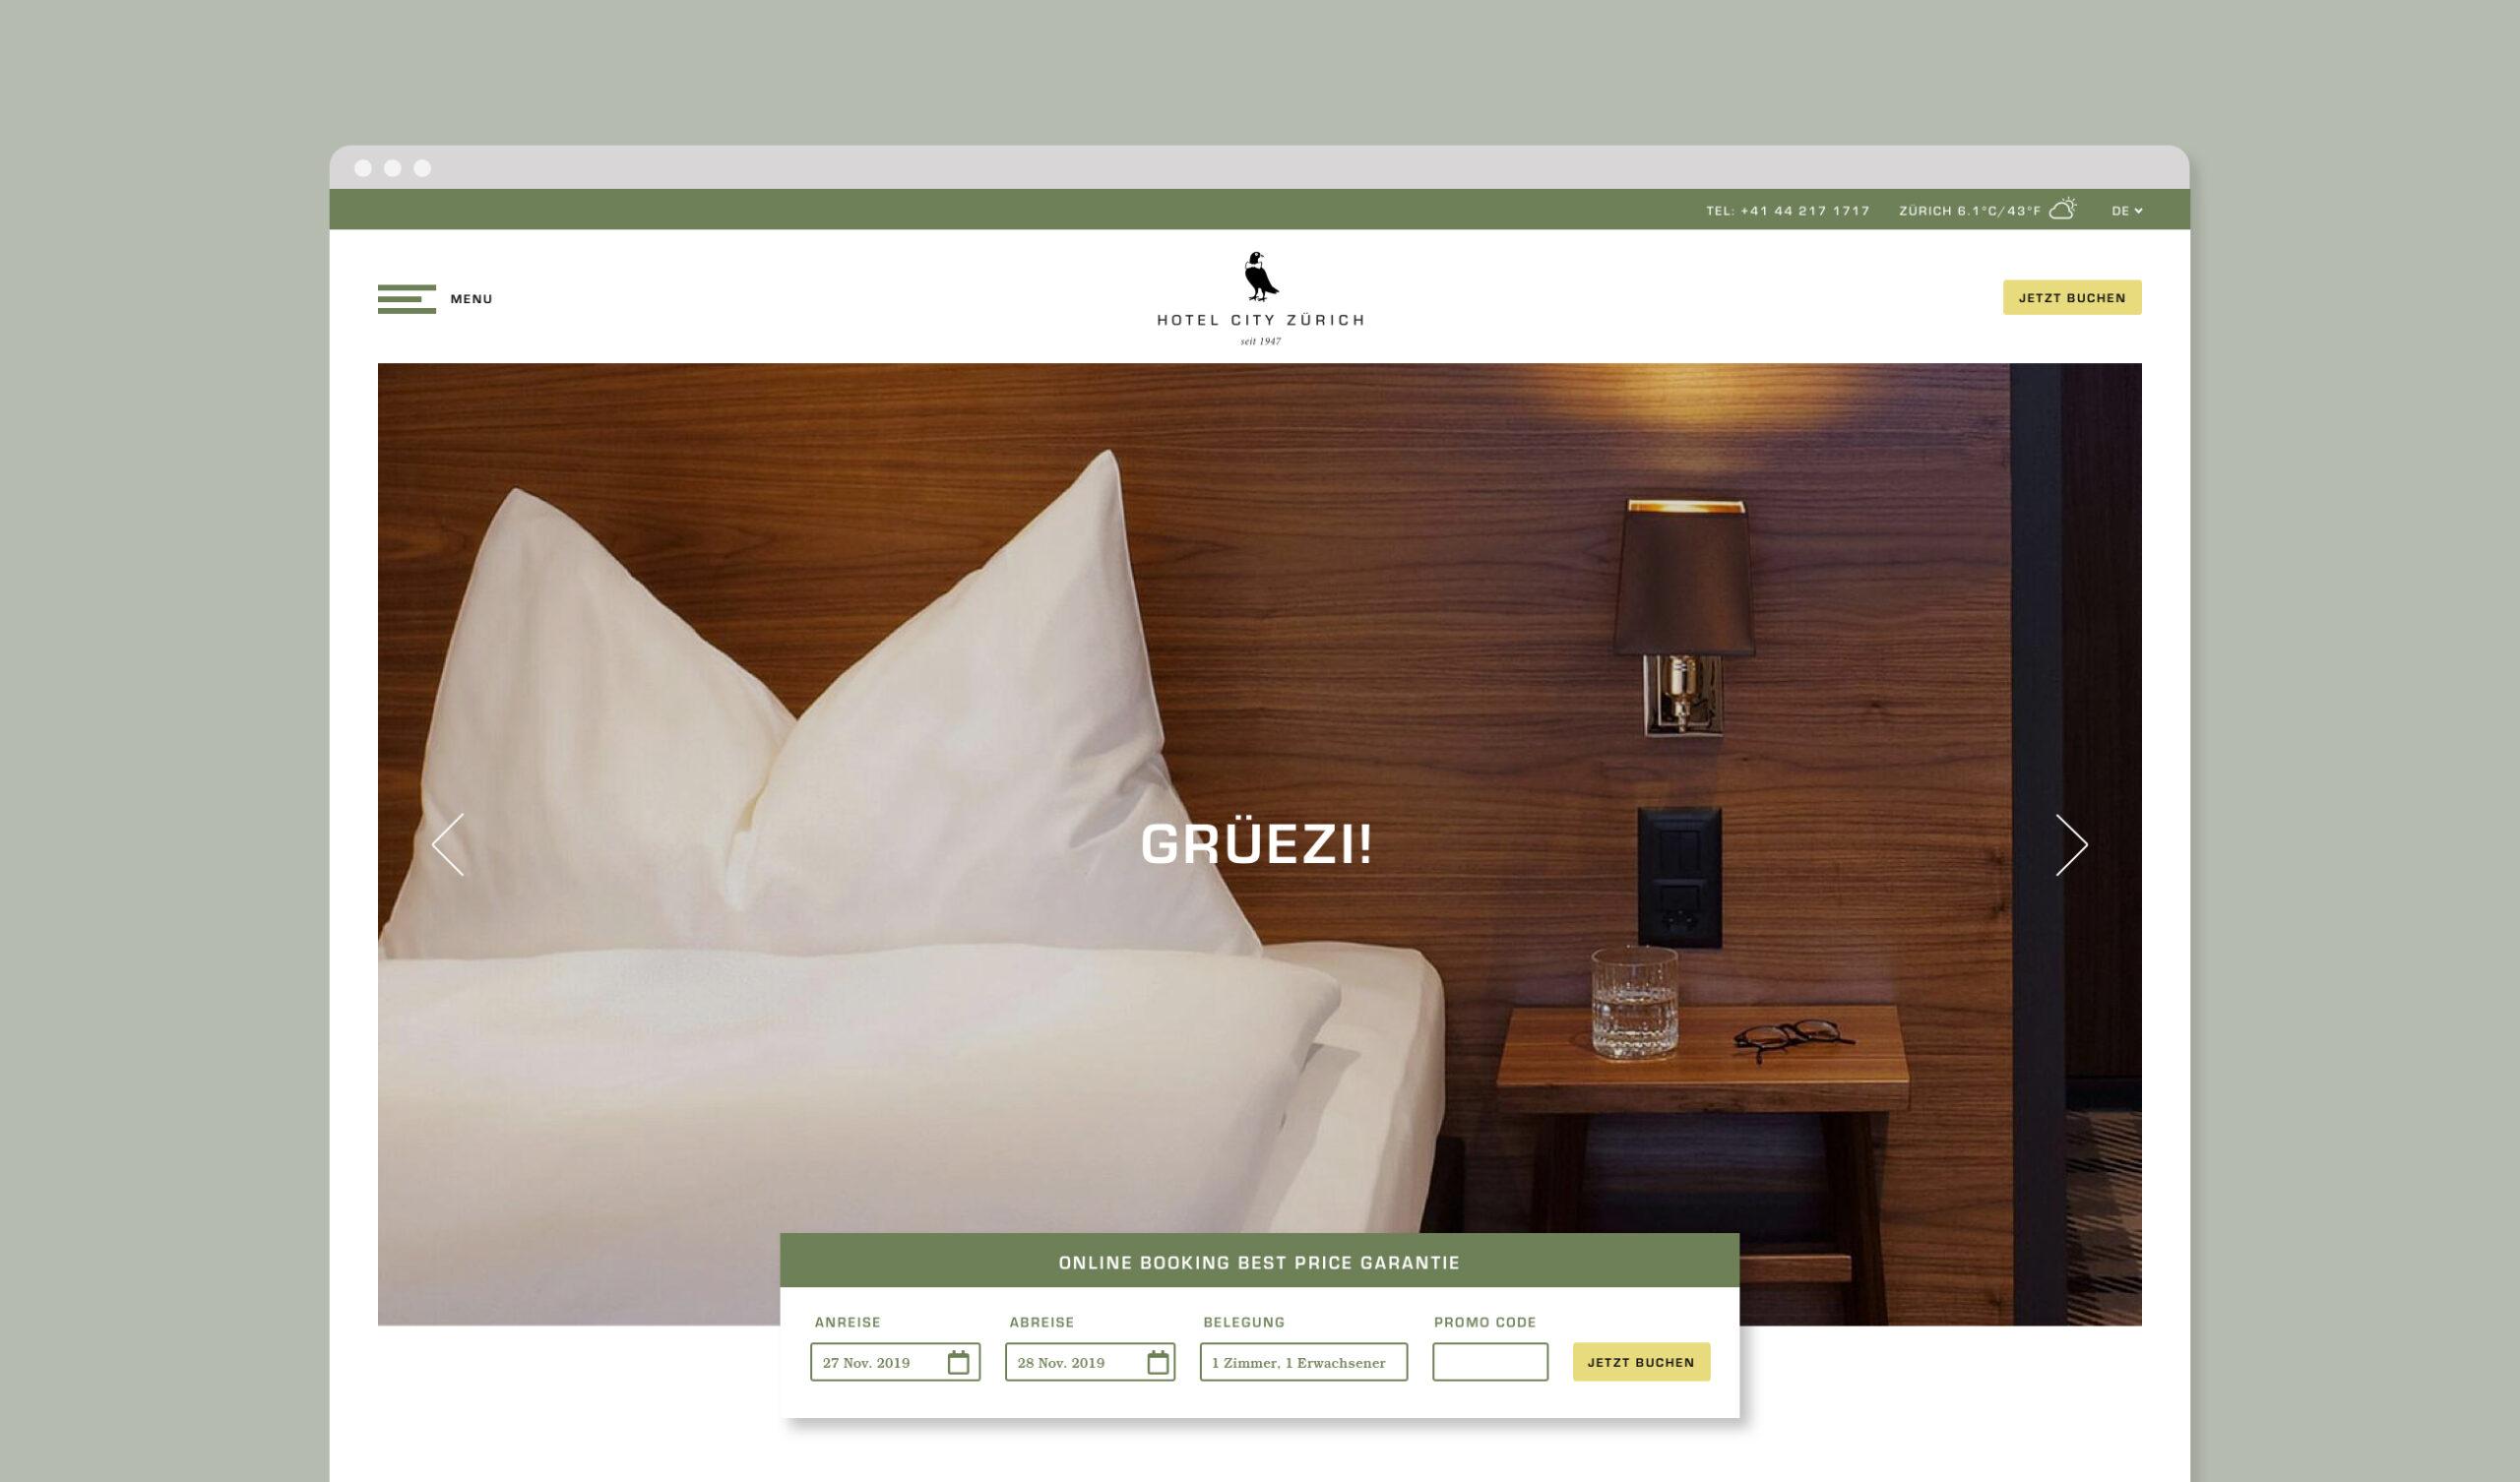 Hotel City Zürich Bildschirmfoto Webseite Home